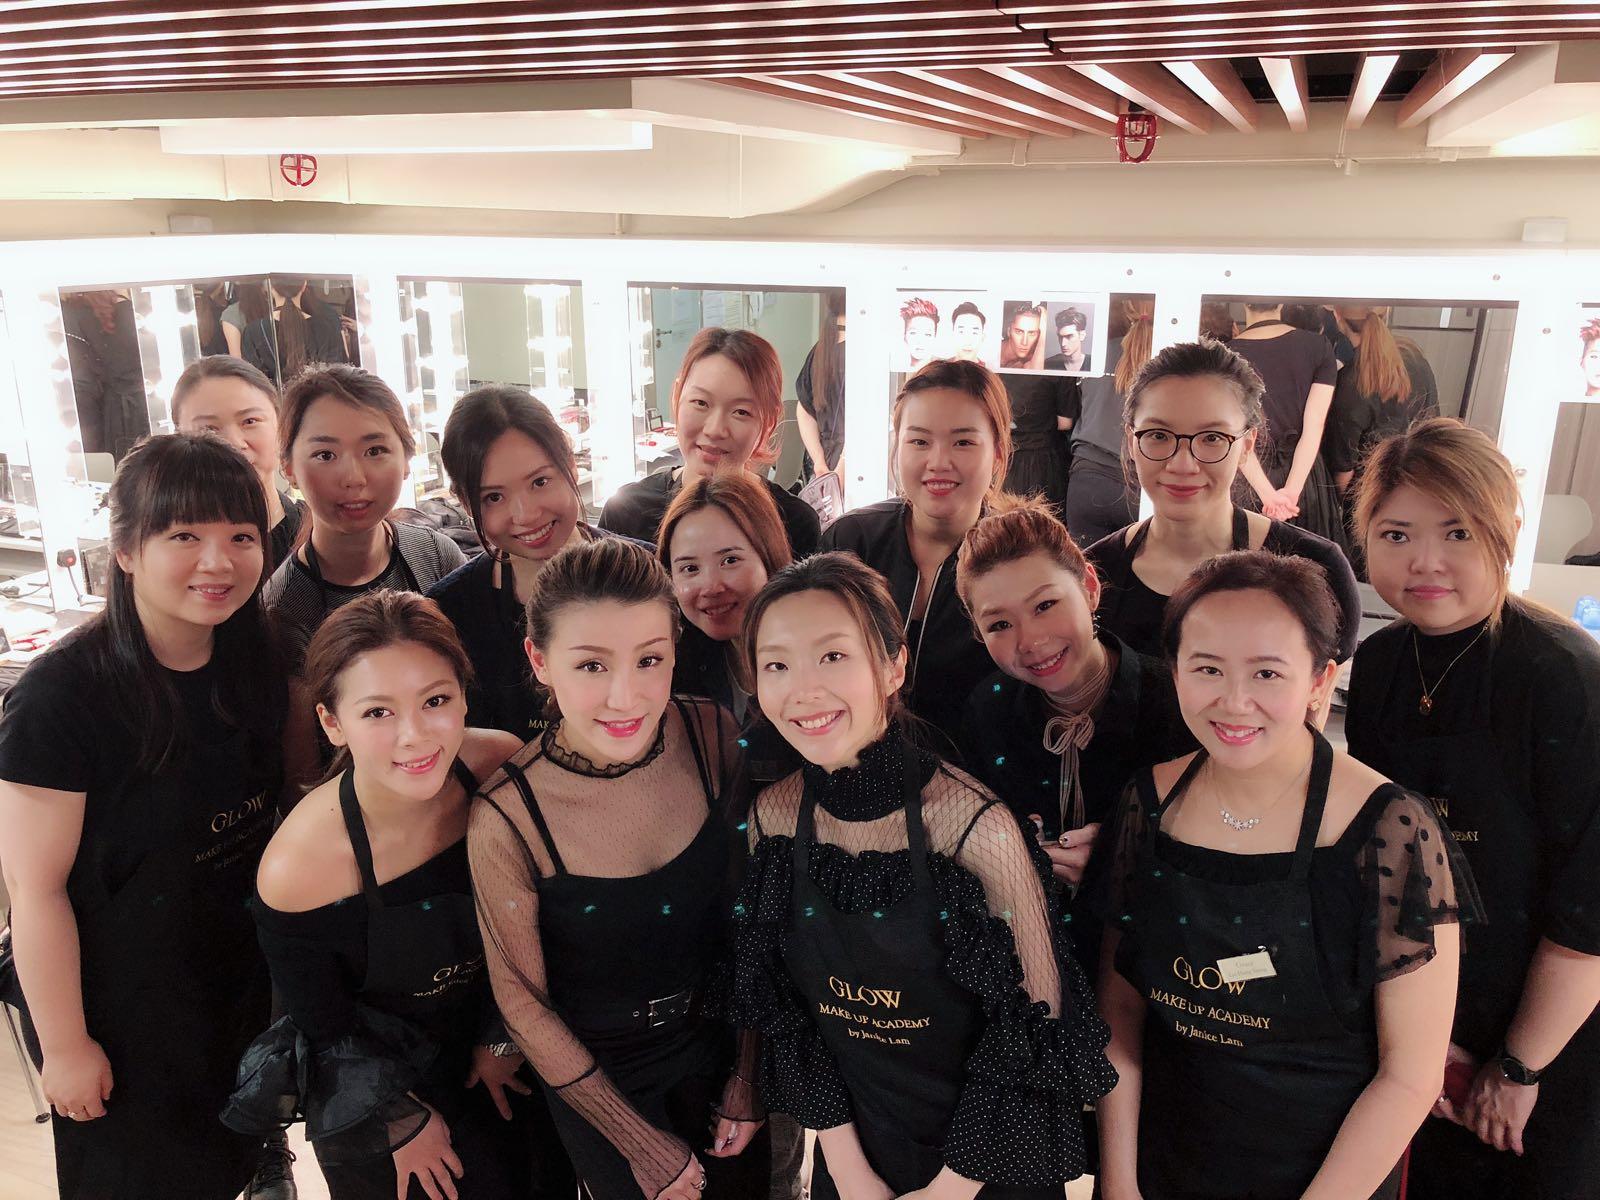 理工大學 dance society makeup sponsor